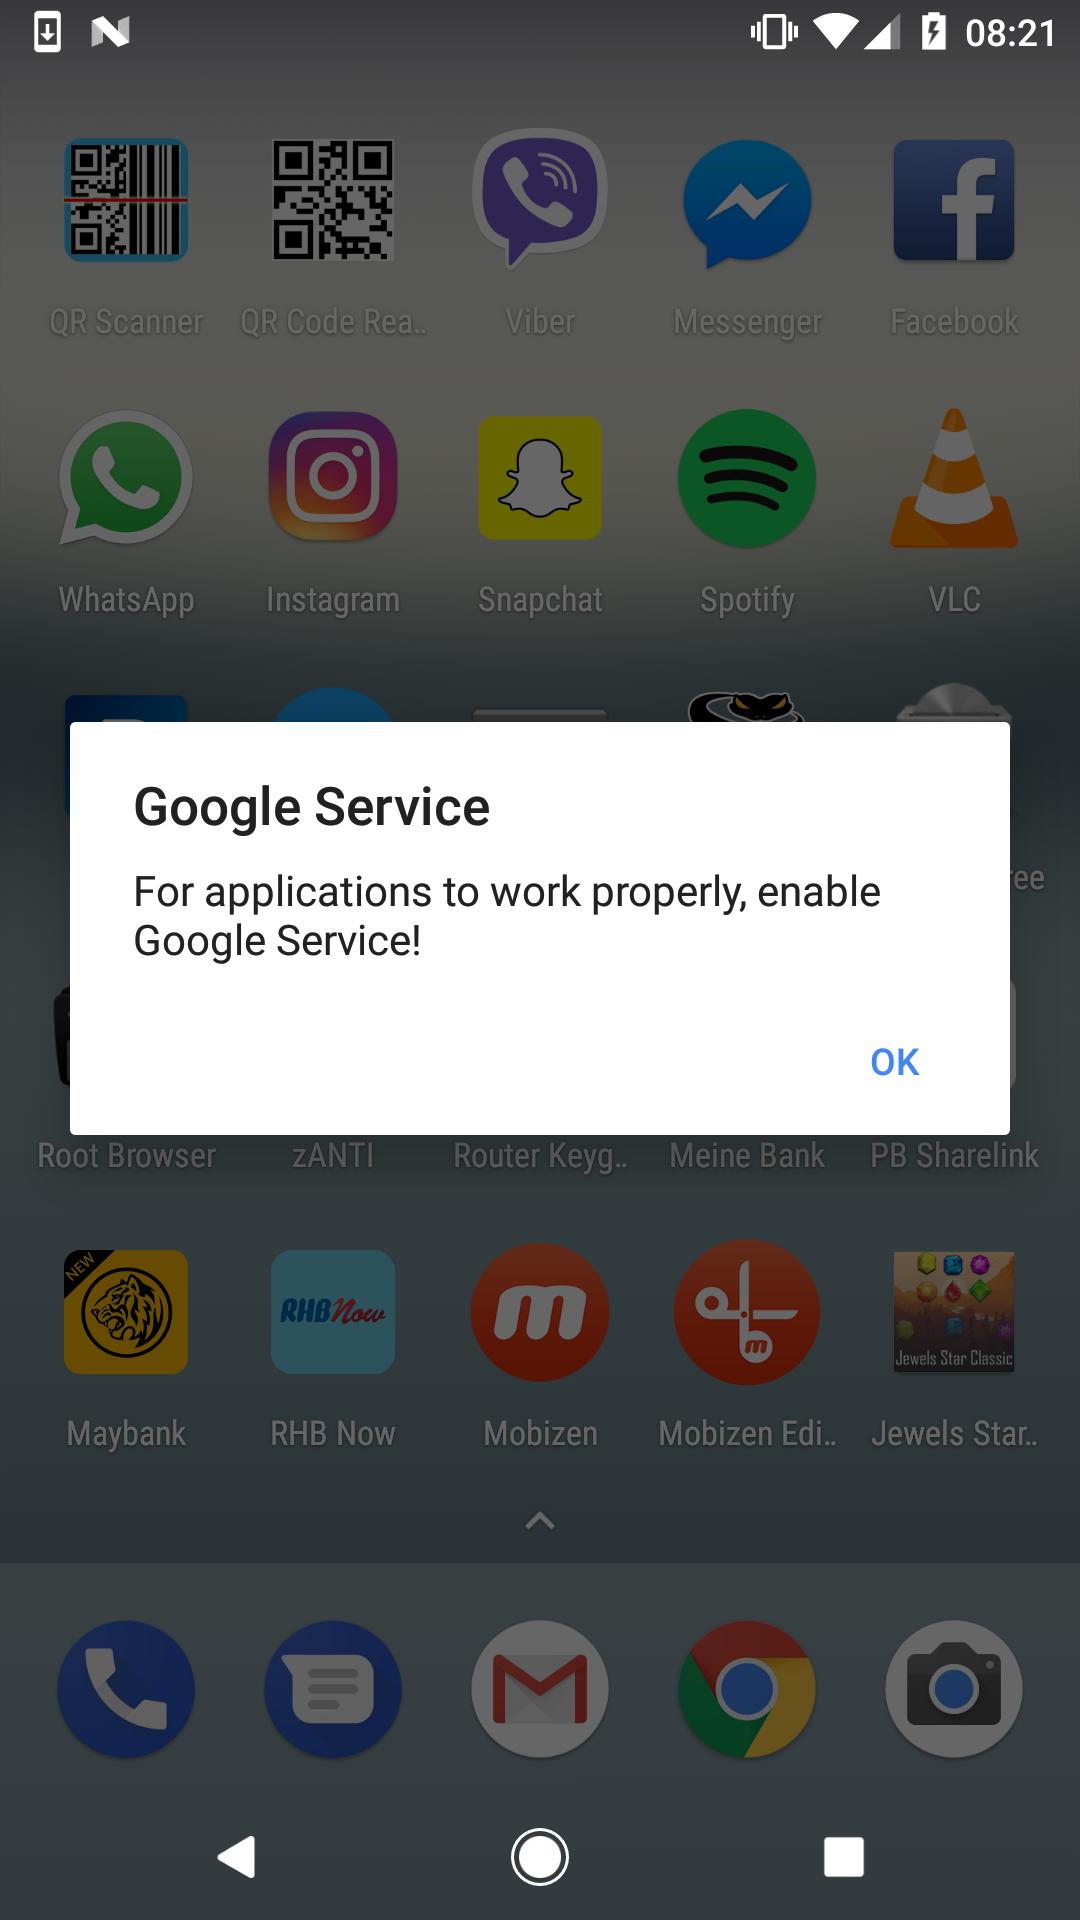 bankbot-fake-google-service-alert.png